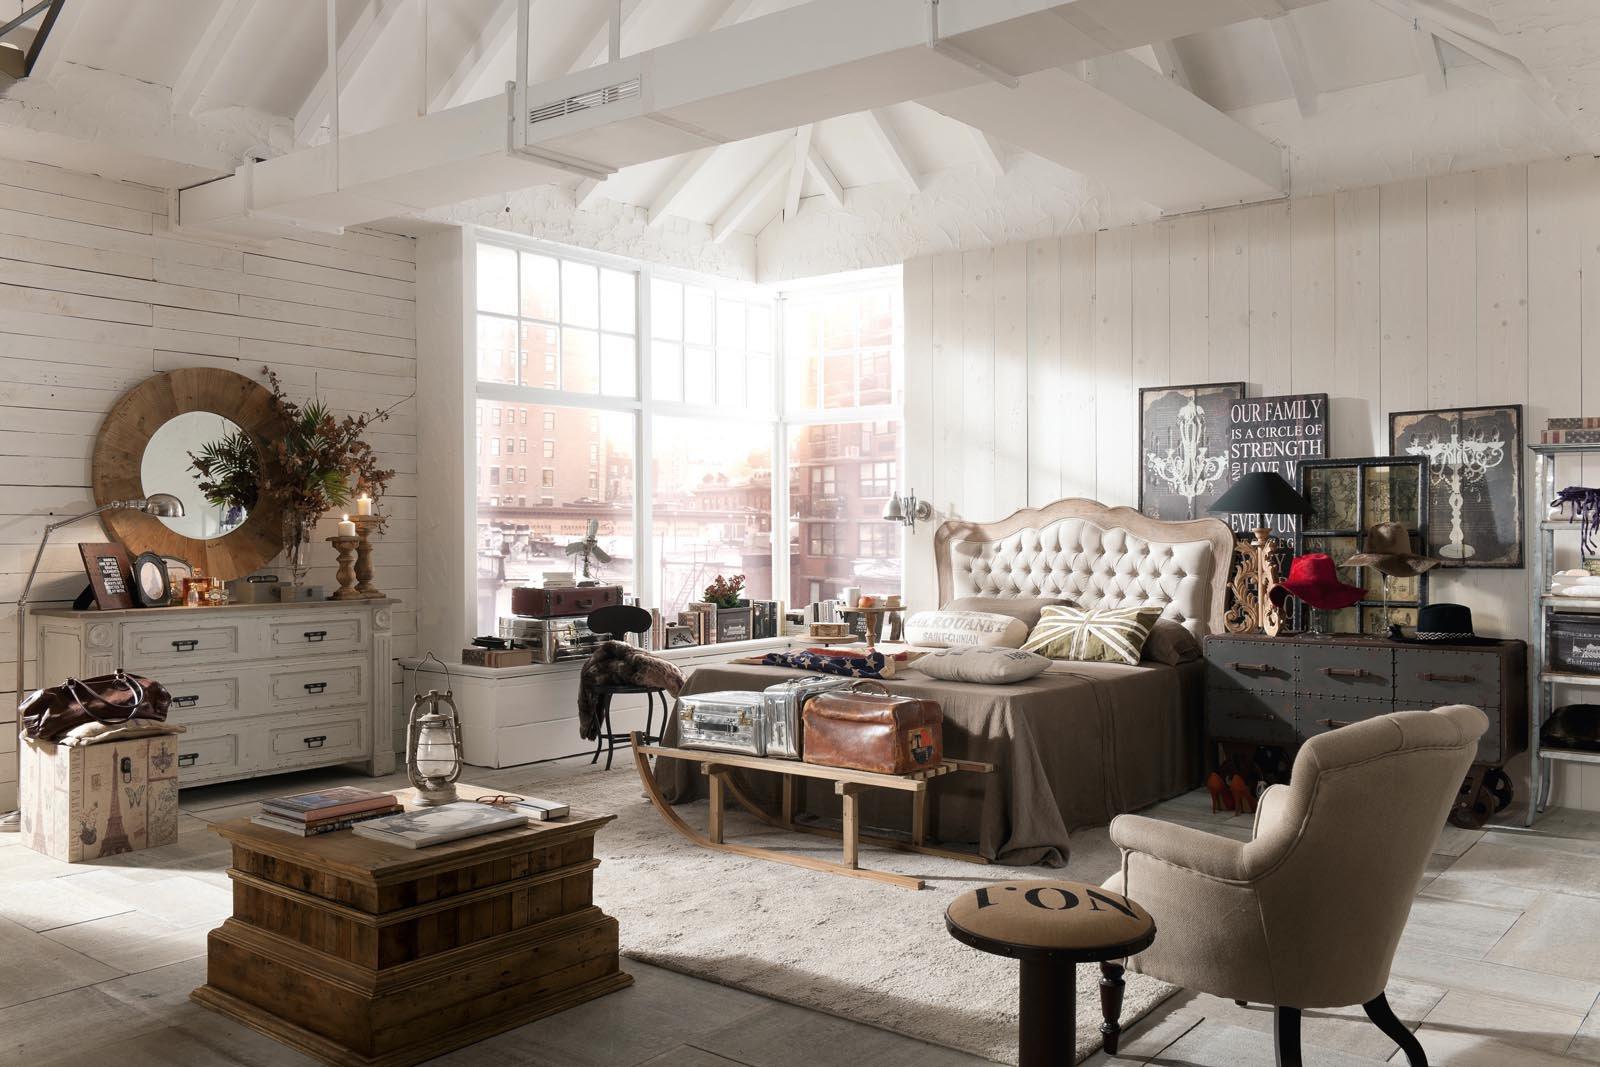 Stile vintage un 39 impronta particolare cose di casa - Decoracion vintage industrial ...